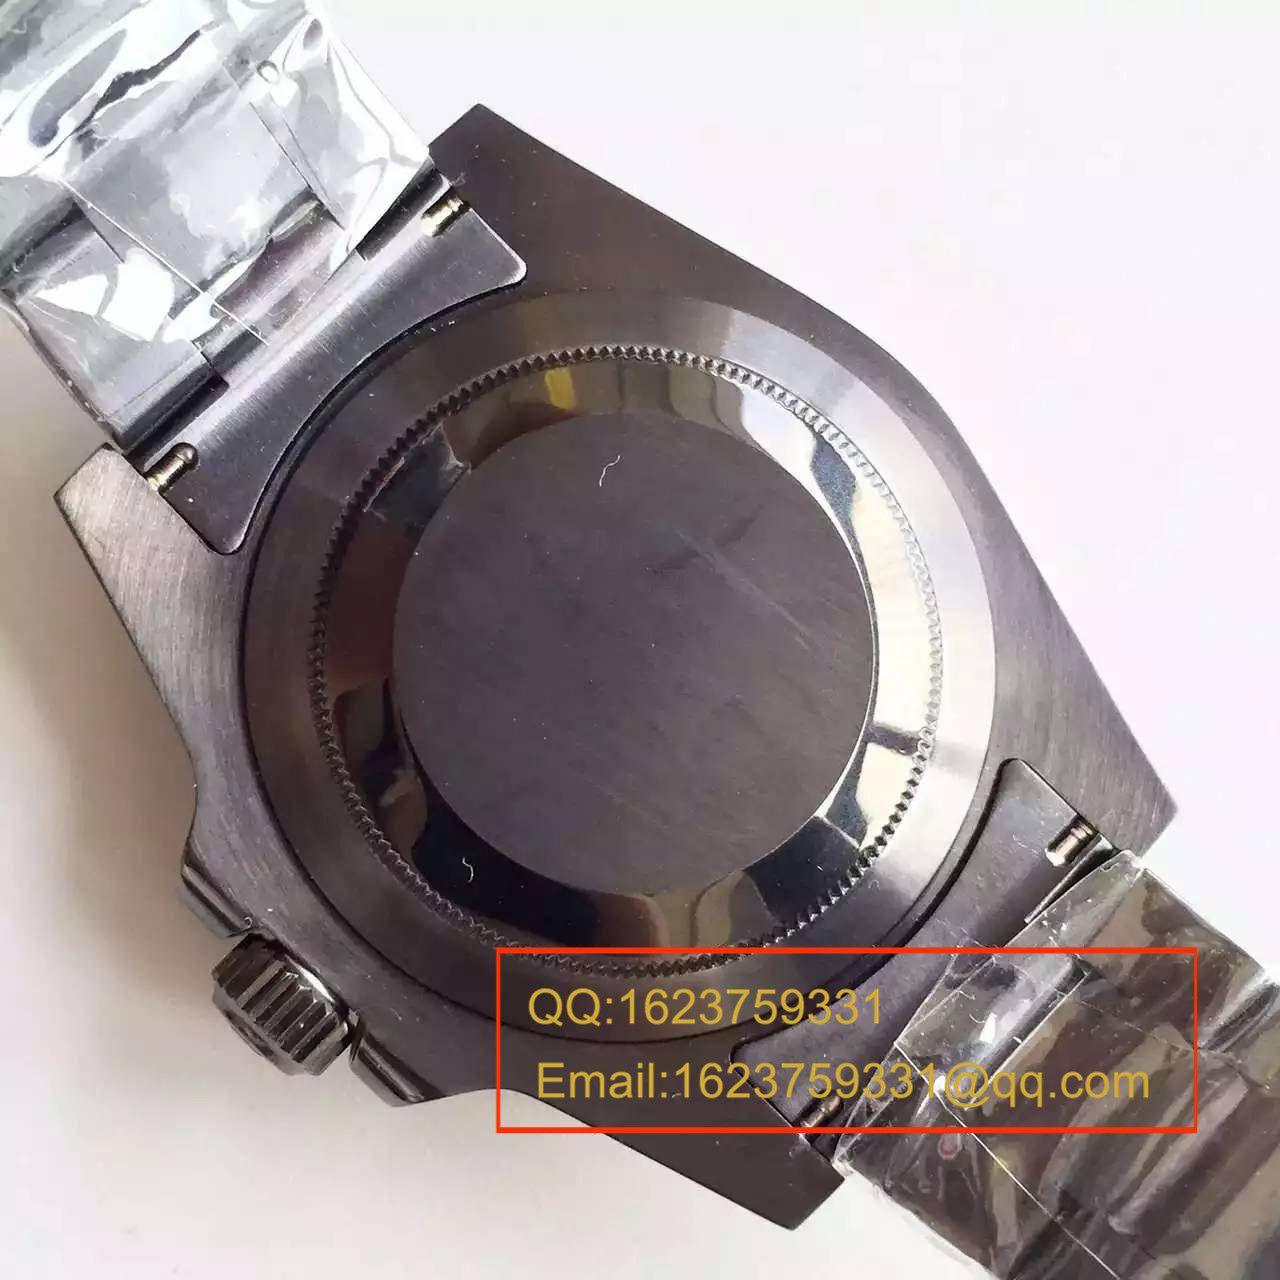 【独家视频测评SF一比一超A高仿手表】劳力士经典表款Sunmariner特别版(JAPAN mastermind) / R060